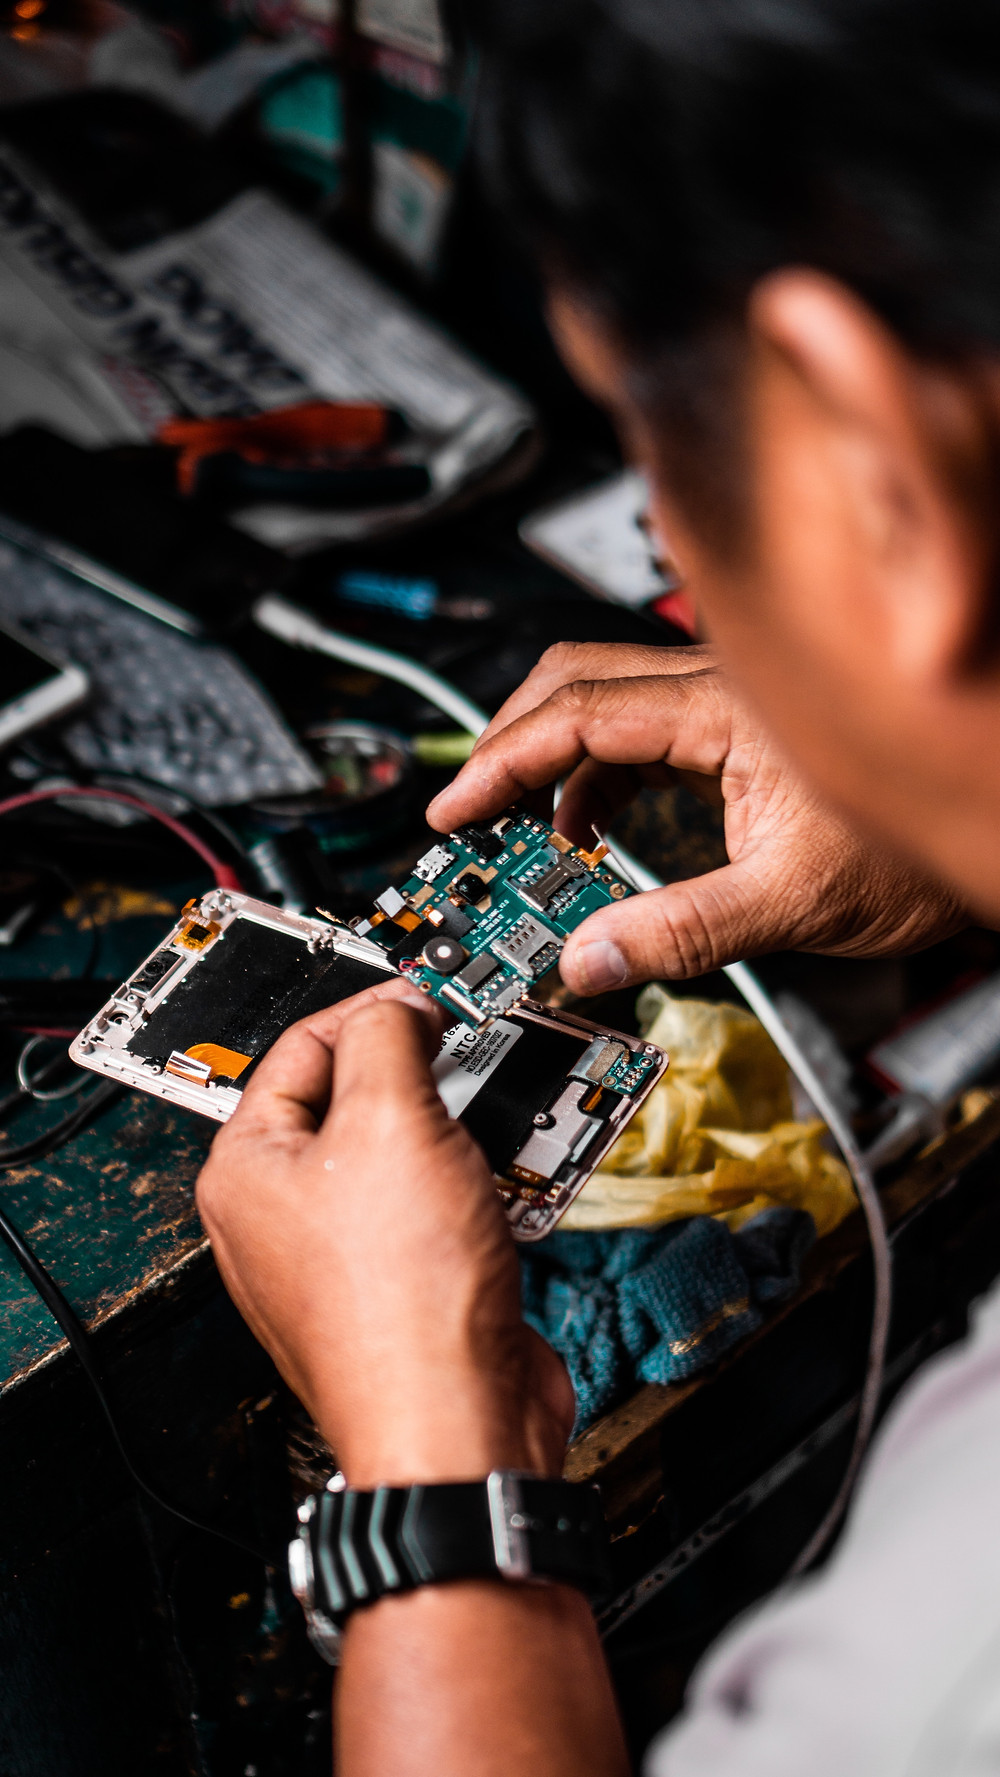 טכנאי, על שולחן התיקונים, מתקן מחשב נייד